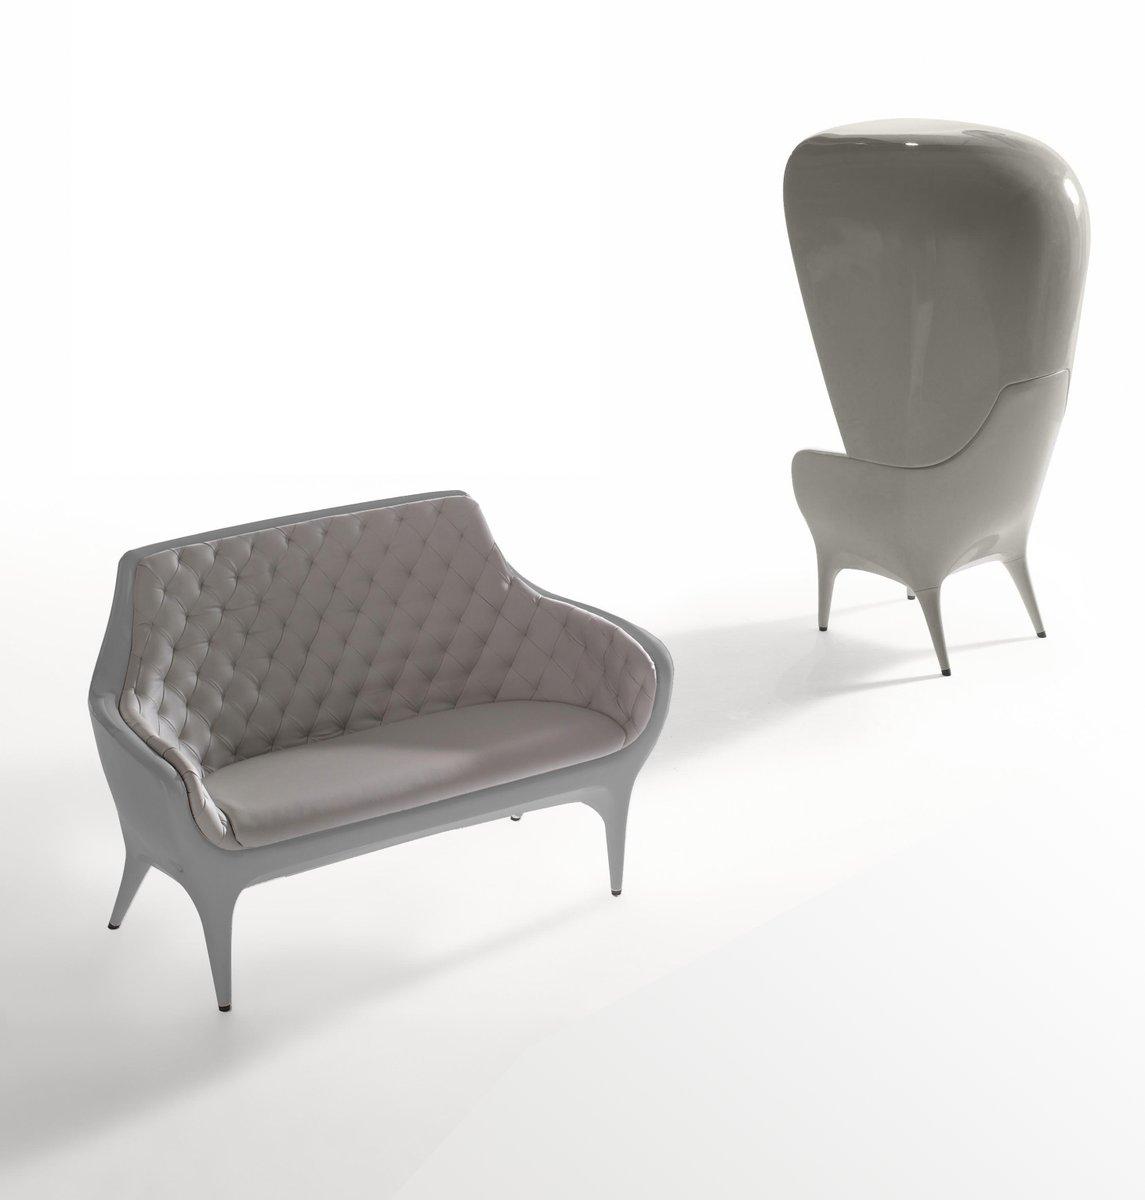 fauteuil d 39 ext rieur gris bleu showtime par jaime hayon pour bd barcelona en vente sur pamono. Black Bedroom Furniture Sets. Home Design Ideas